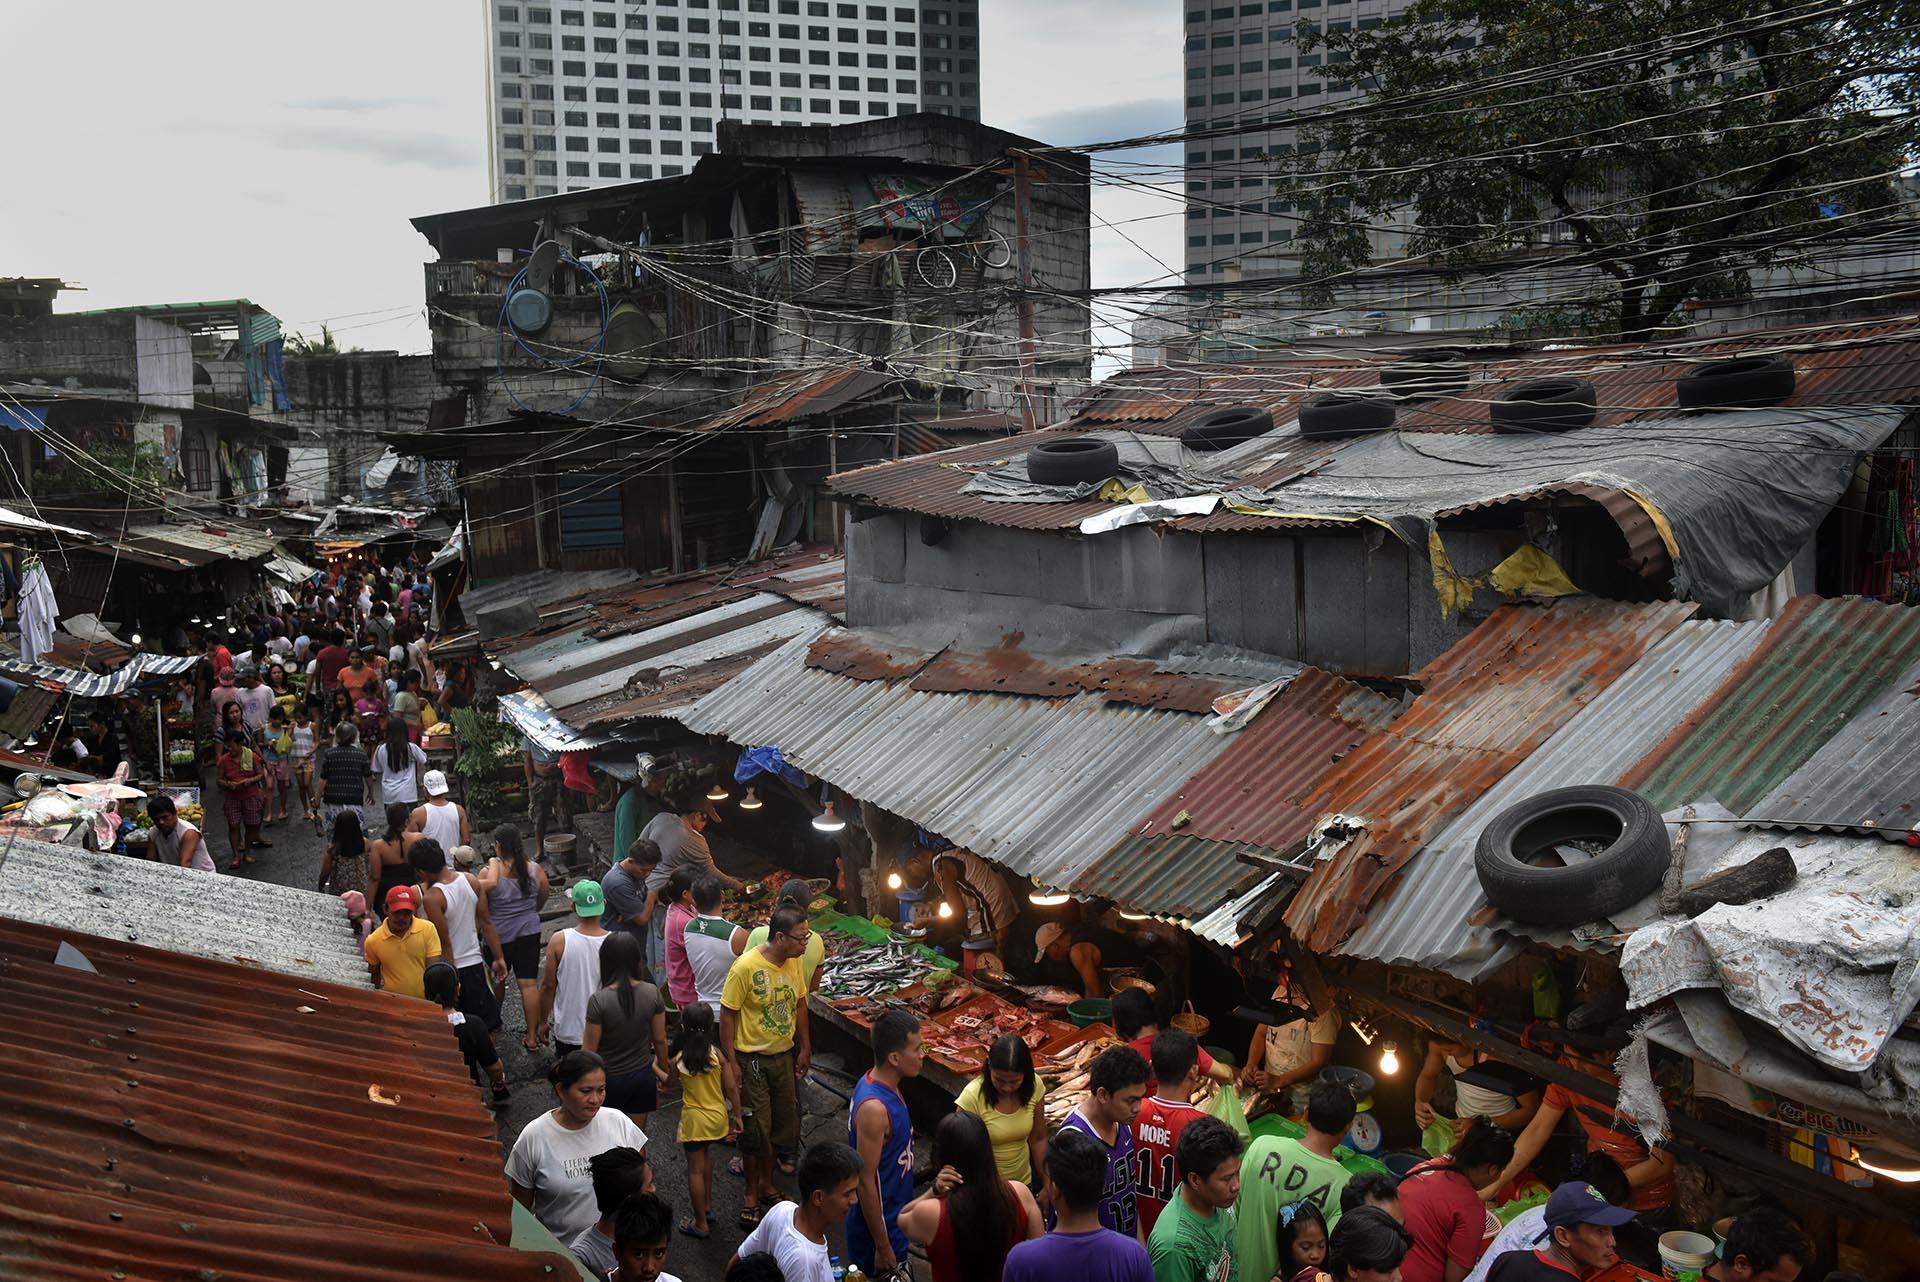 Ciudad de Quenzon, Philippines